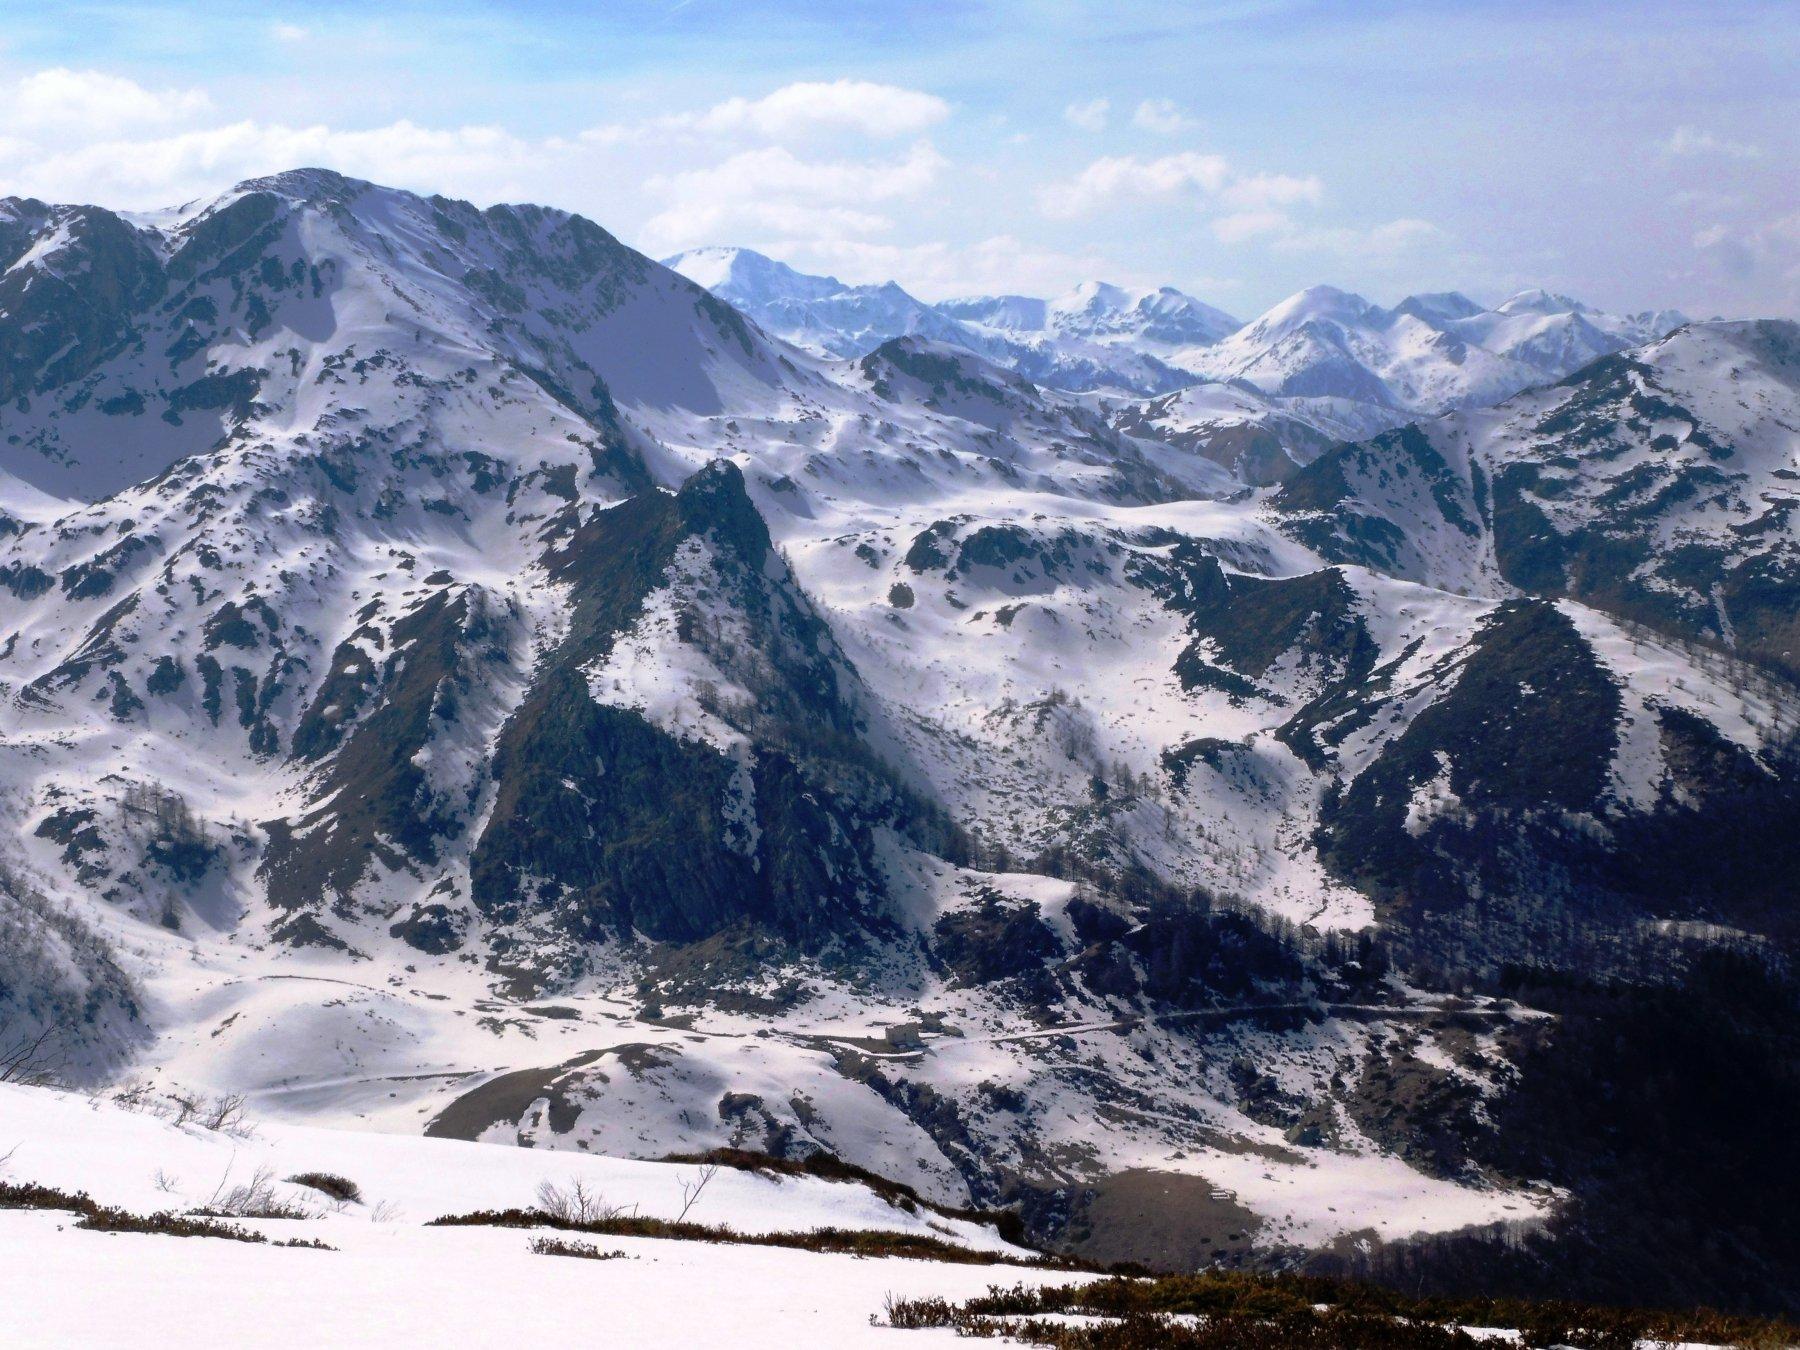 scendendo all'alpe di pietrabruna